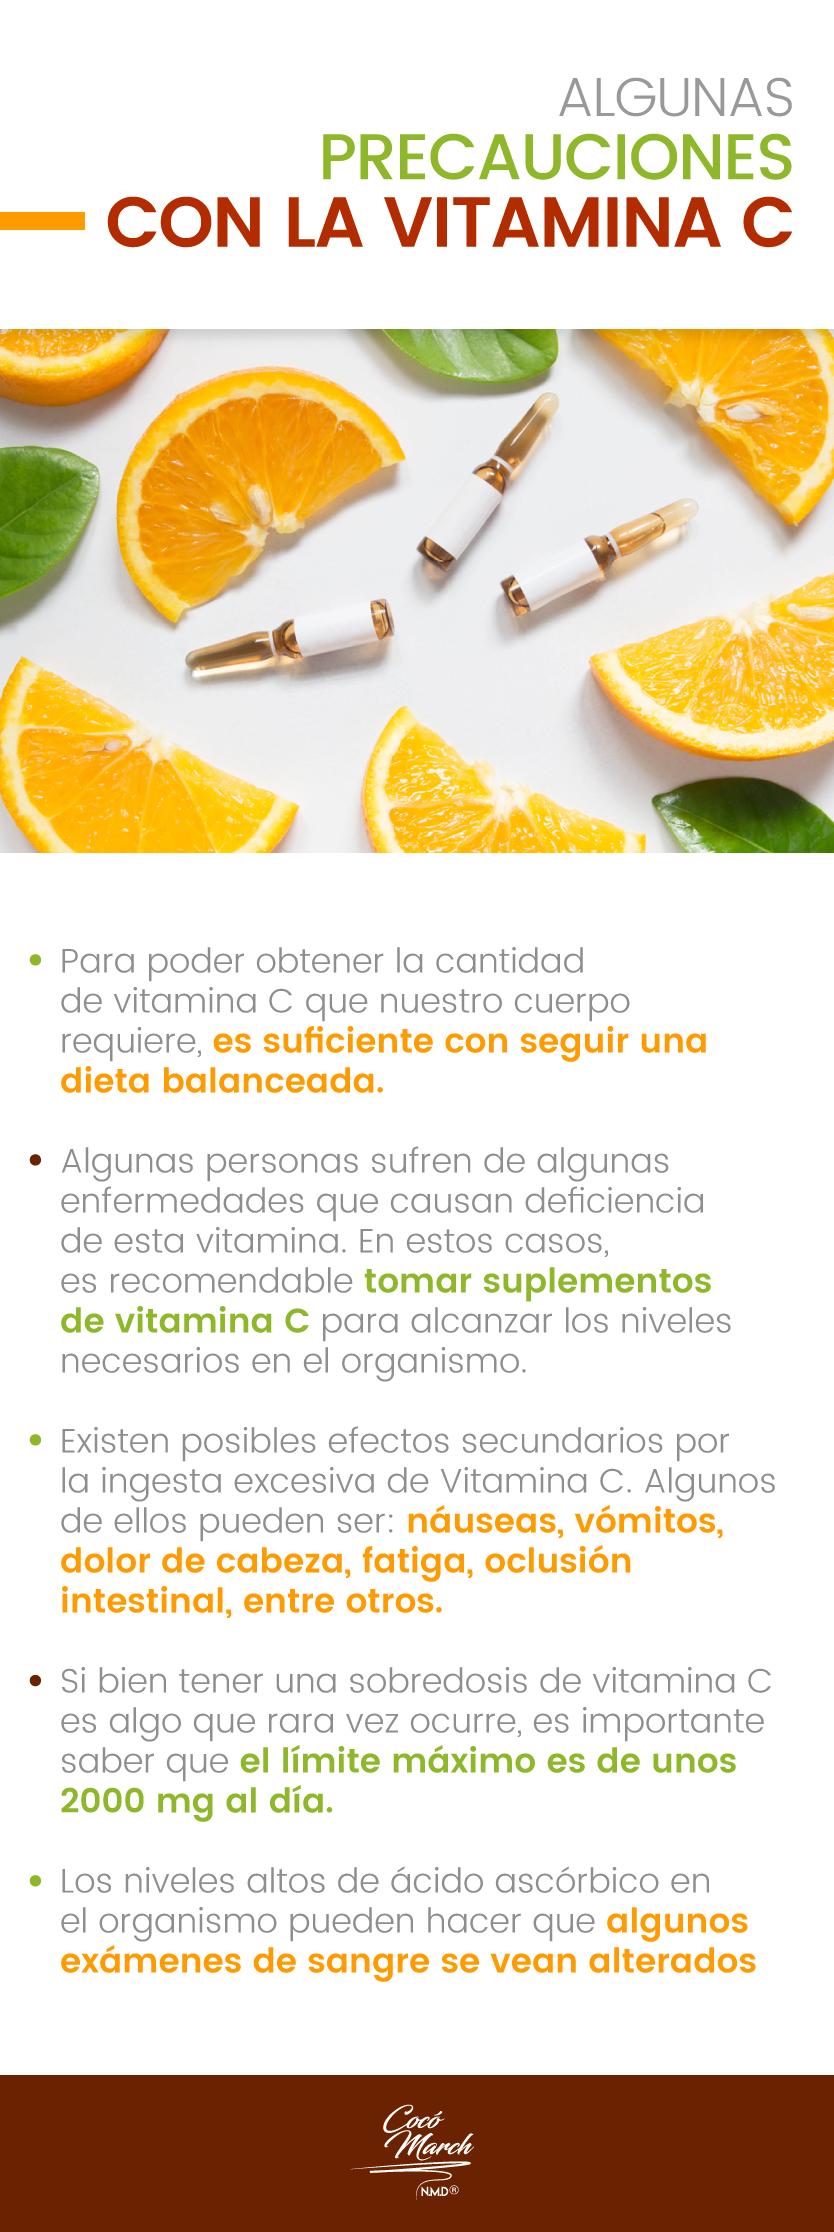 precauciones-con-la-vitamina-c